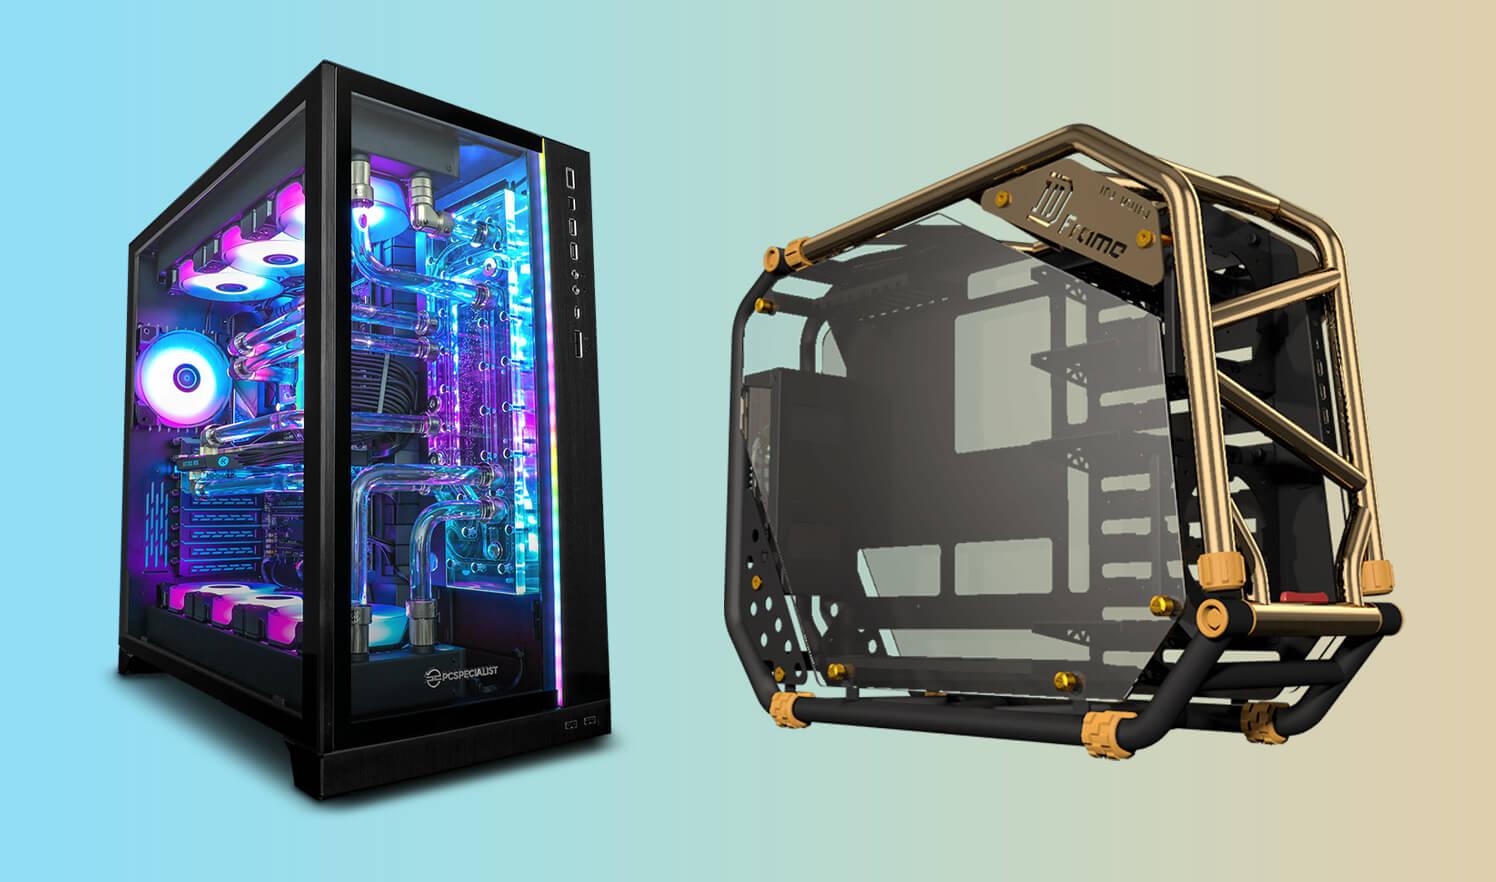 Best Unique PC Cases